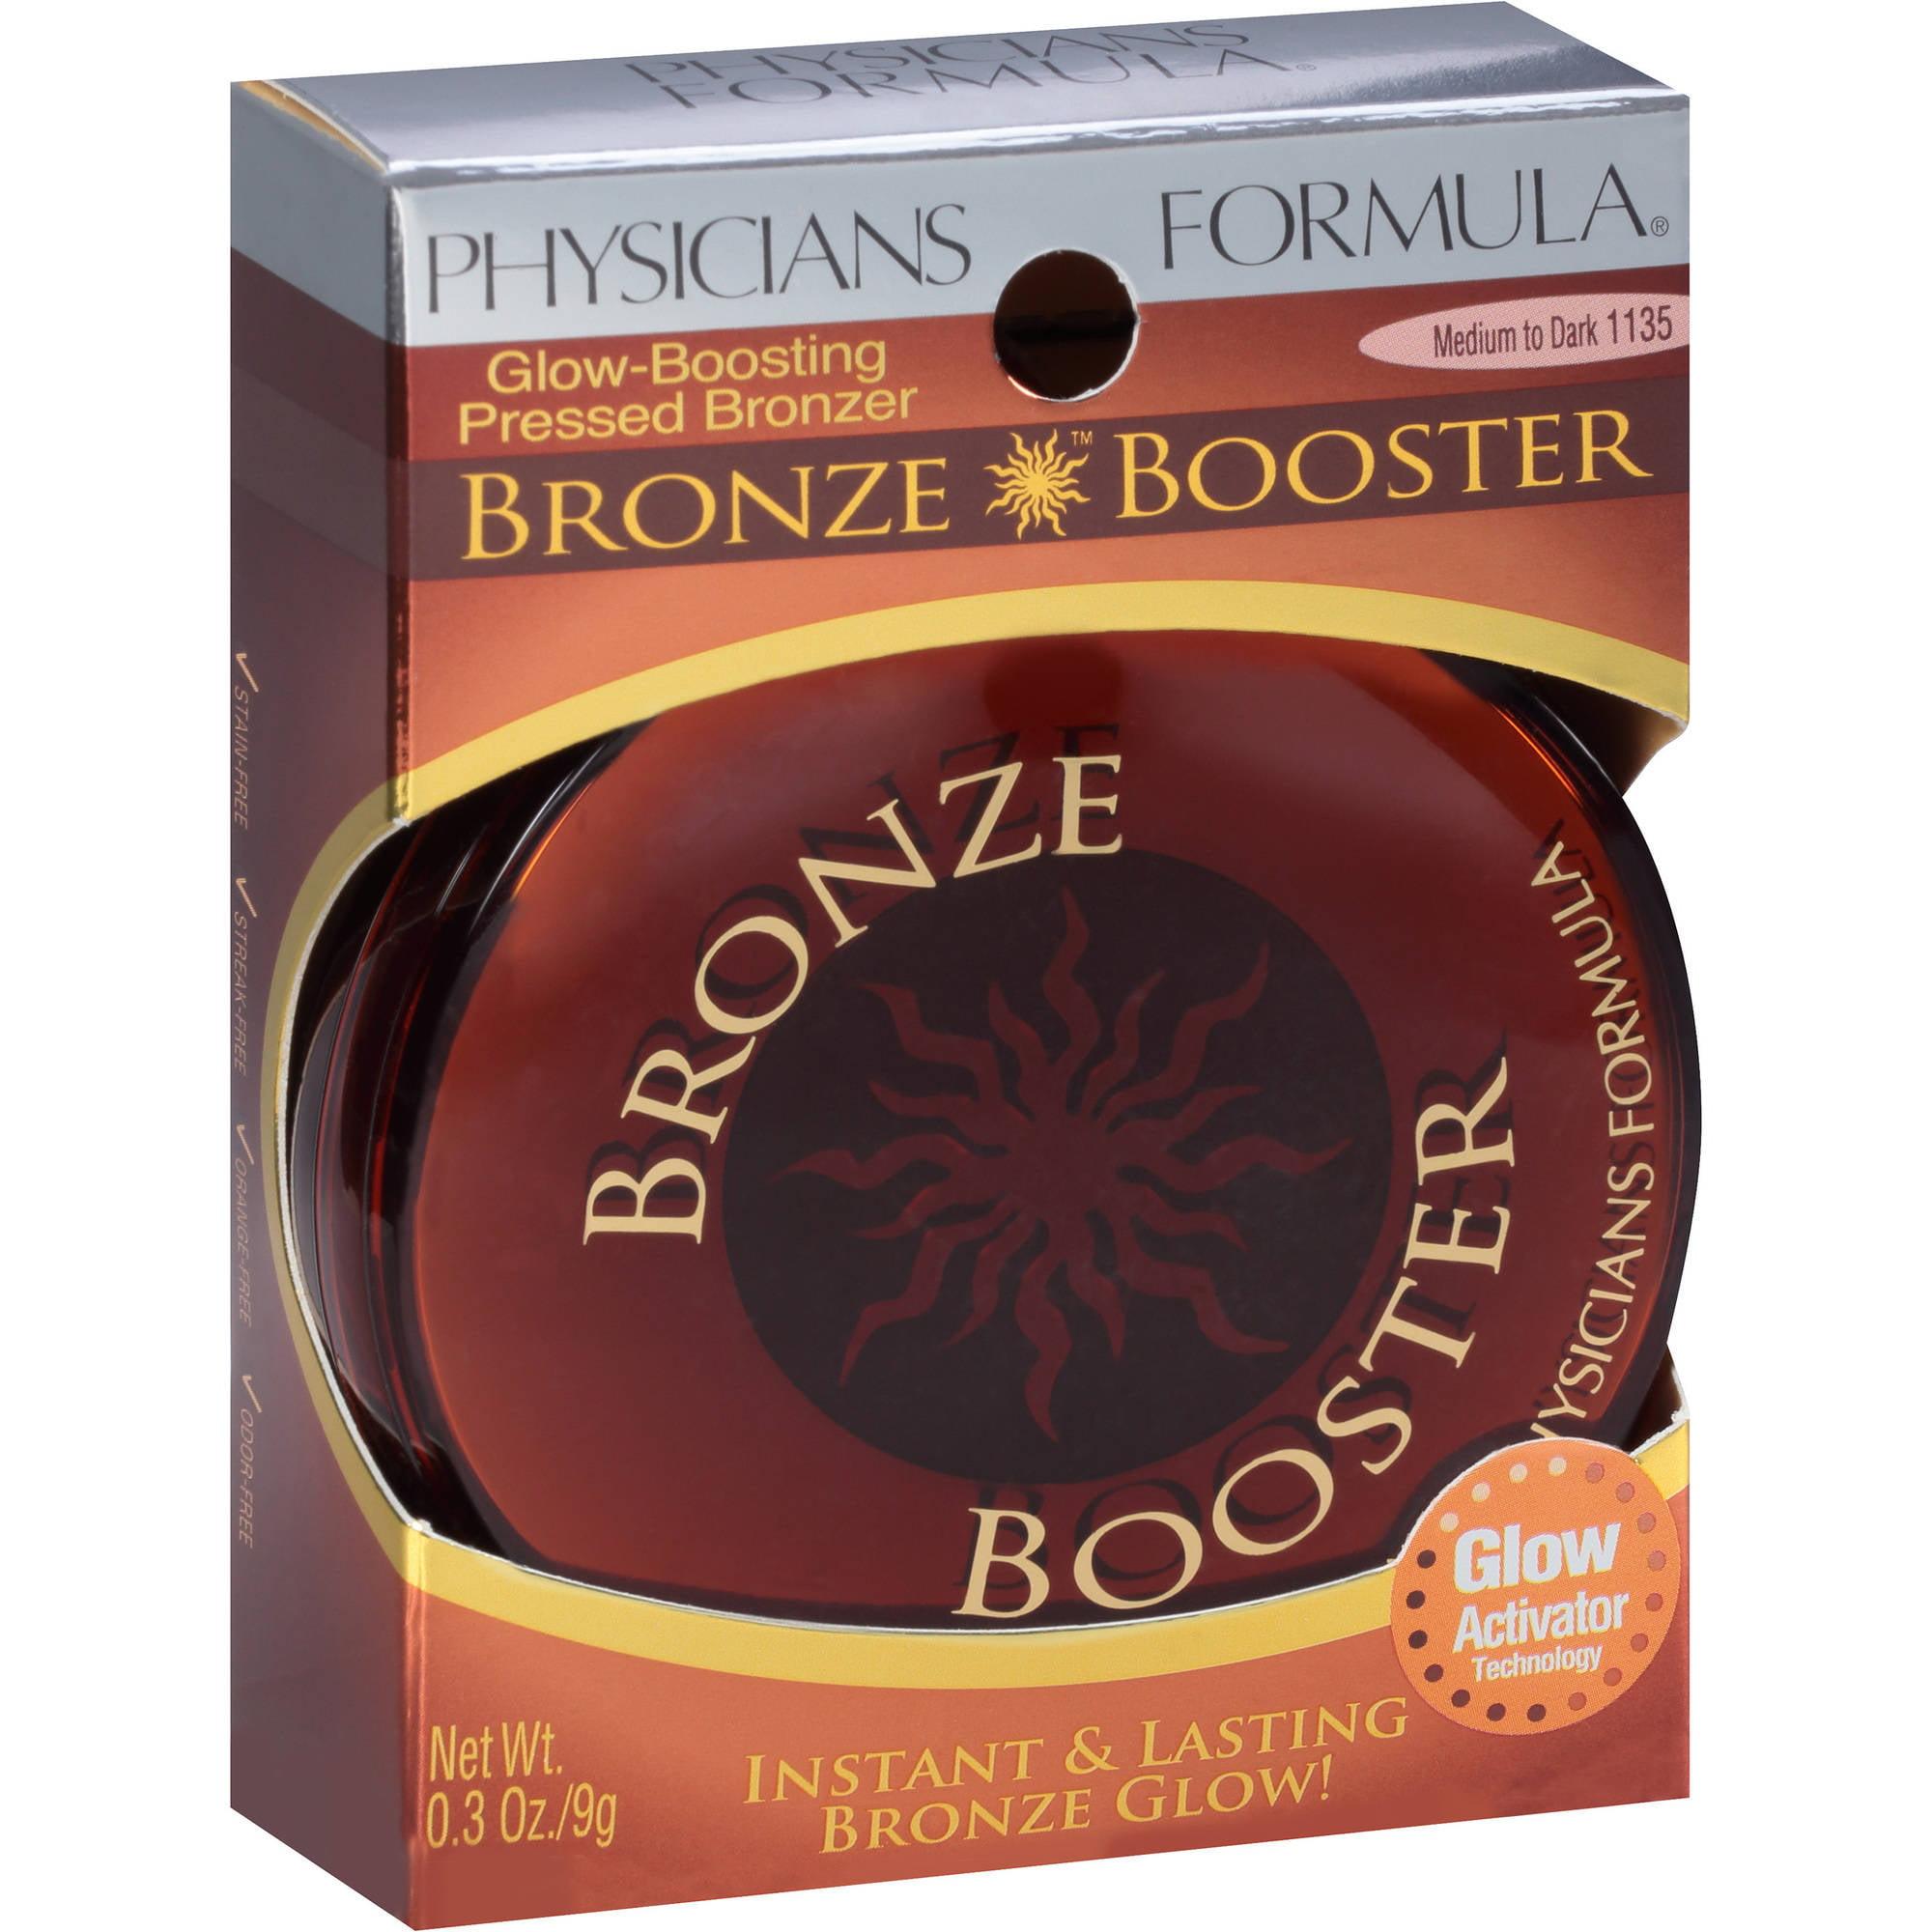 Physicians Formula Bronze Booster Glow-Boosting Pressed Bronzer, 1135 Medium to Dark, 0.3 oz